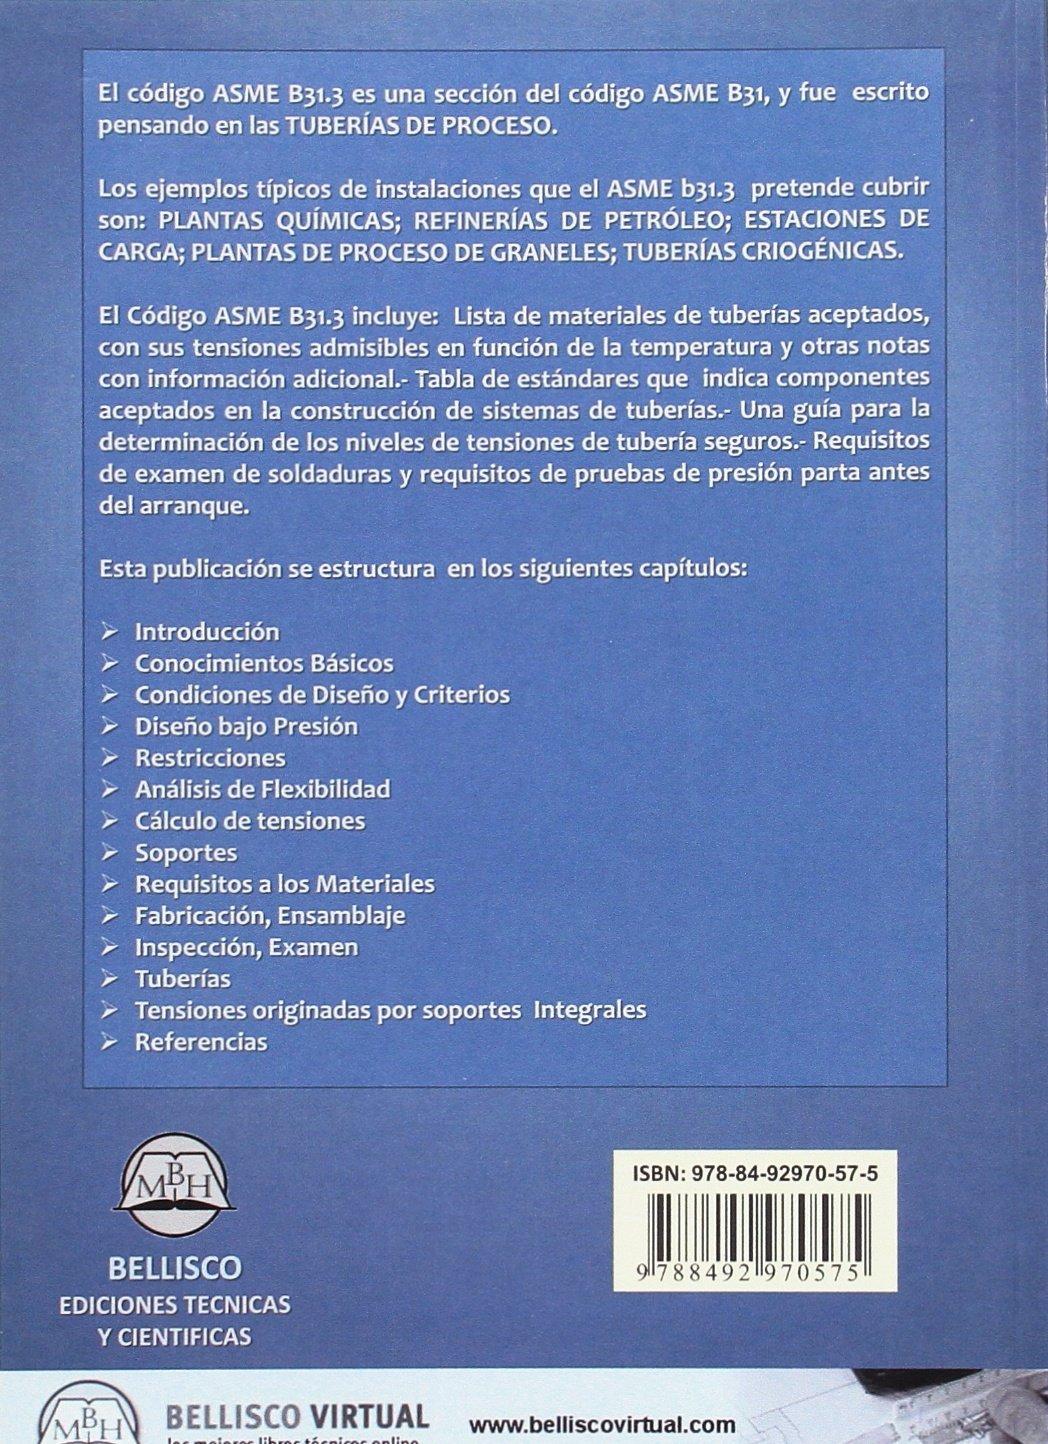 Normas de construcción de tuberías de proceso: Juan Manuel Martínez Massoni: 9788492970575: Amazon.com: Books